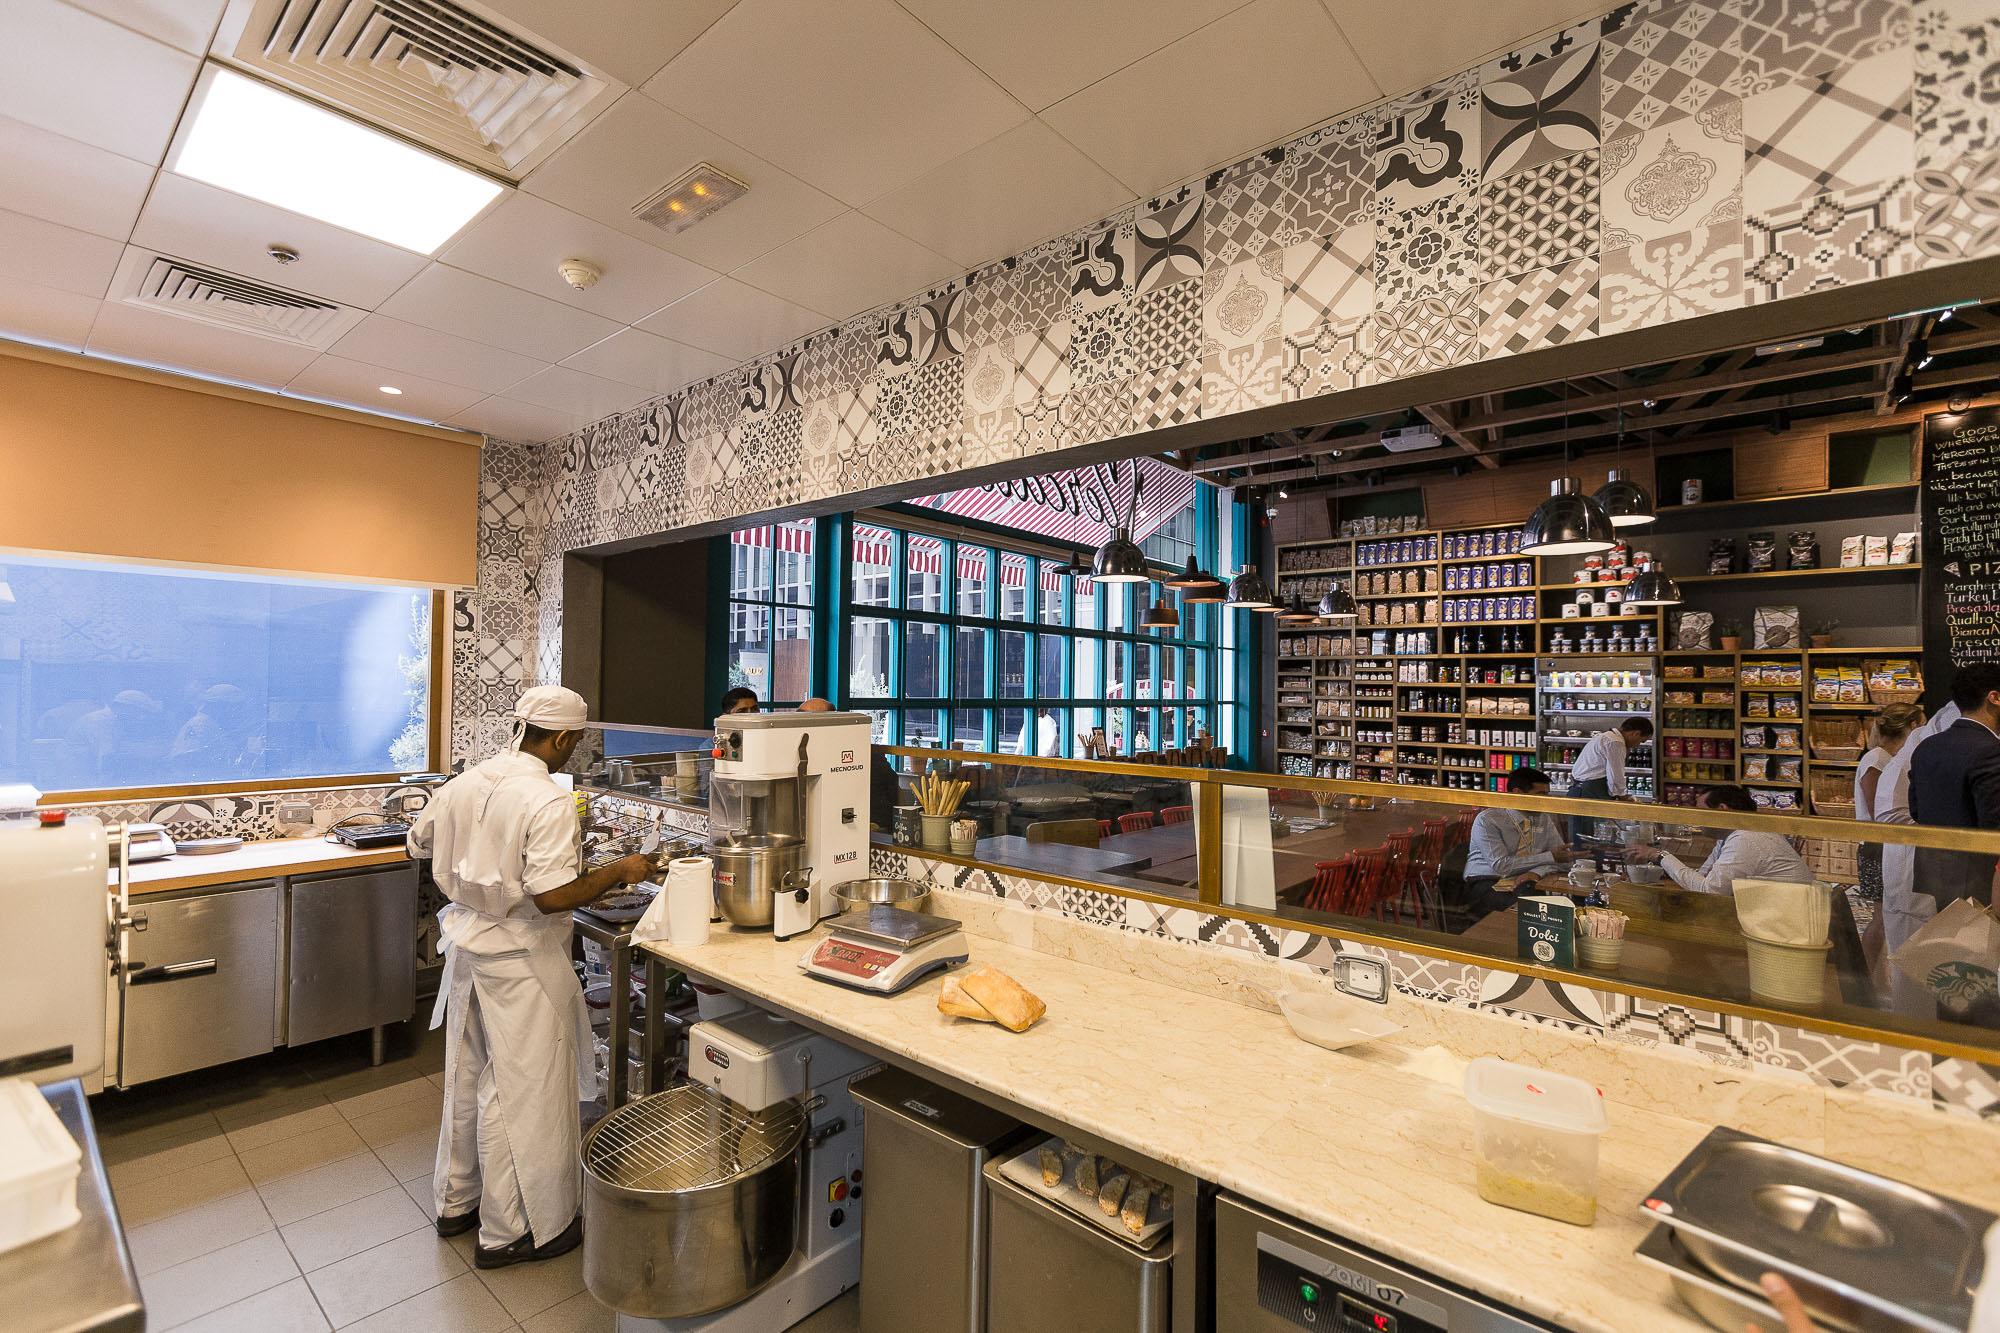 mercato_italia_kitchen_dubai_8